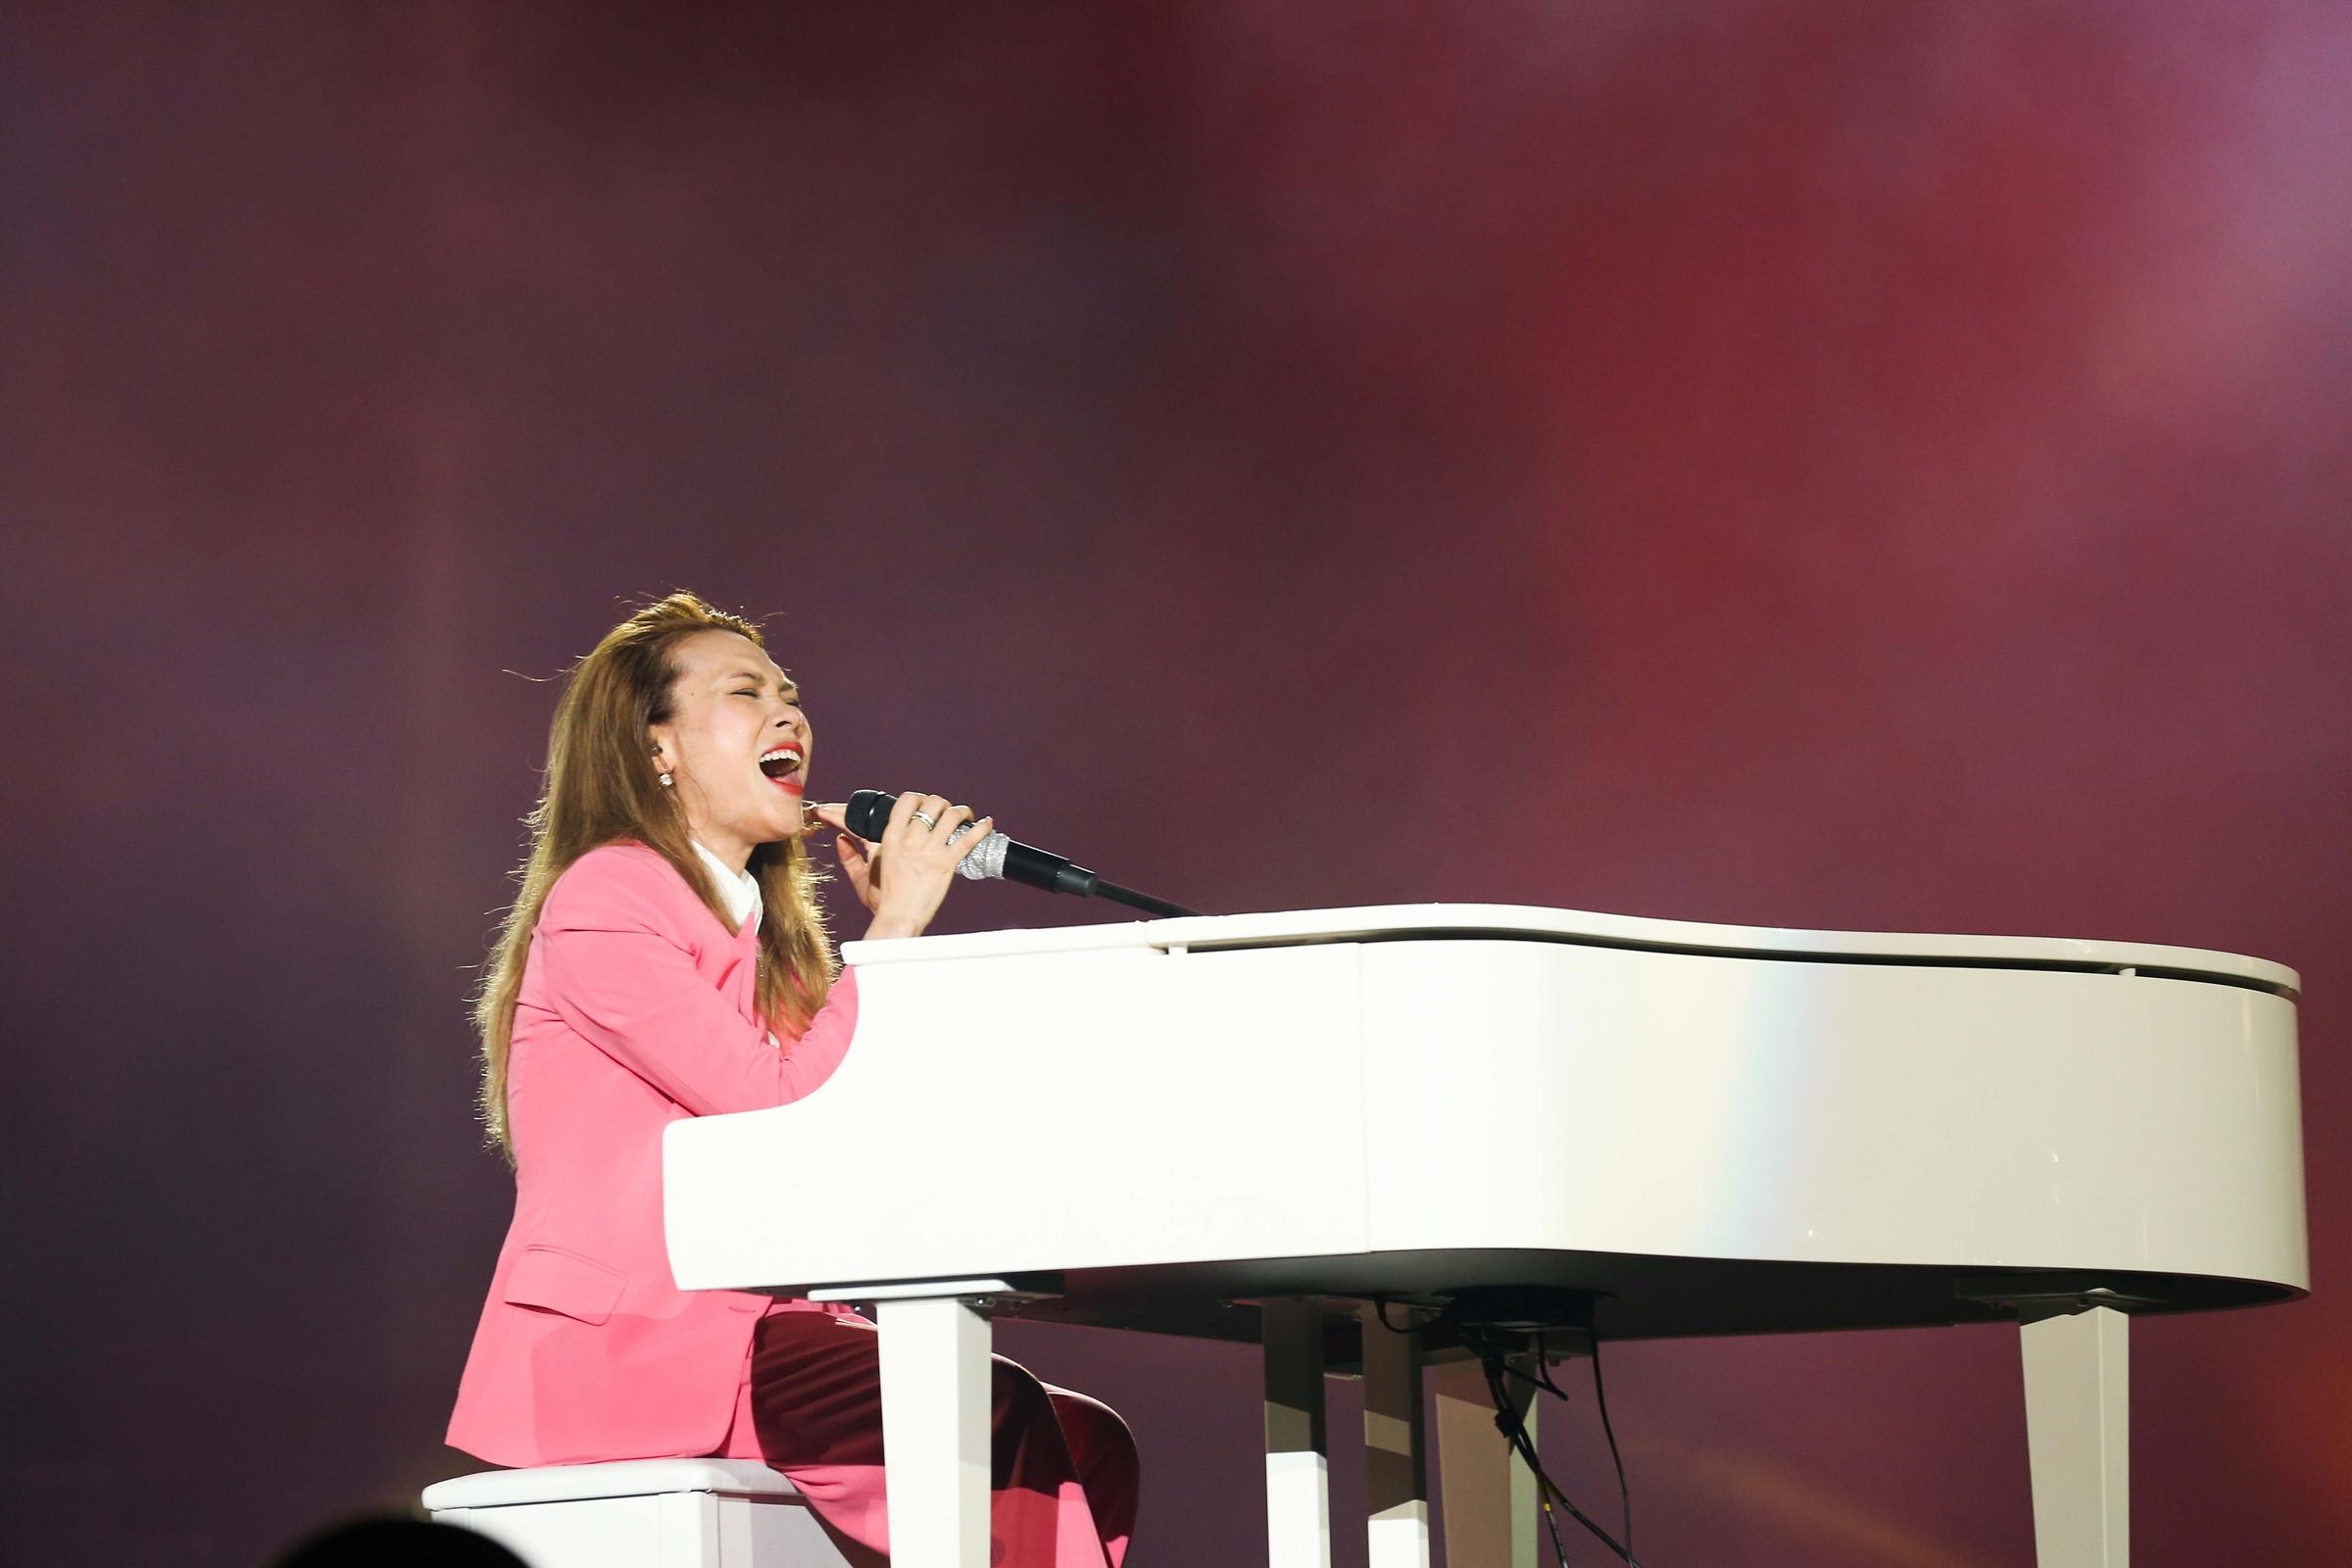 Một trong những phần biểu diễn ấn tượng - Như một giấc mơ - bên cây đàn piano.